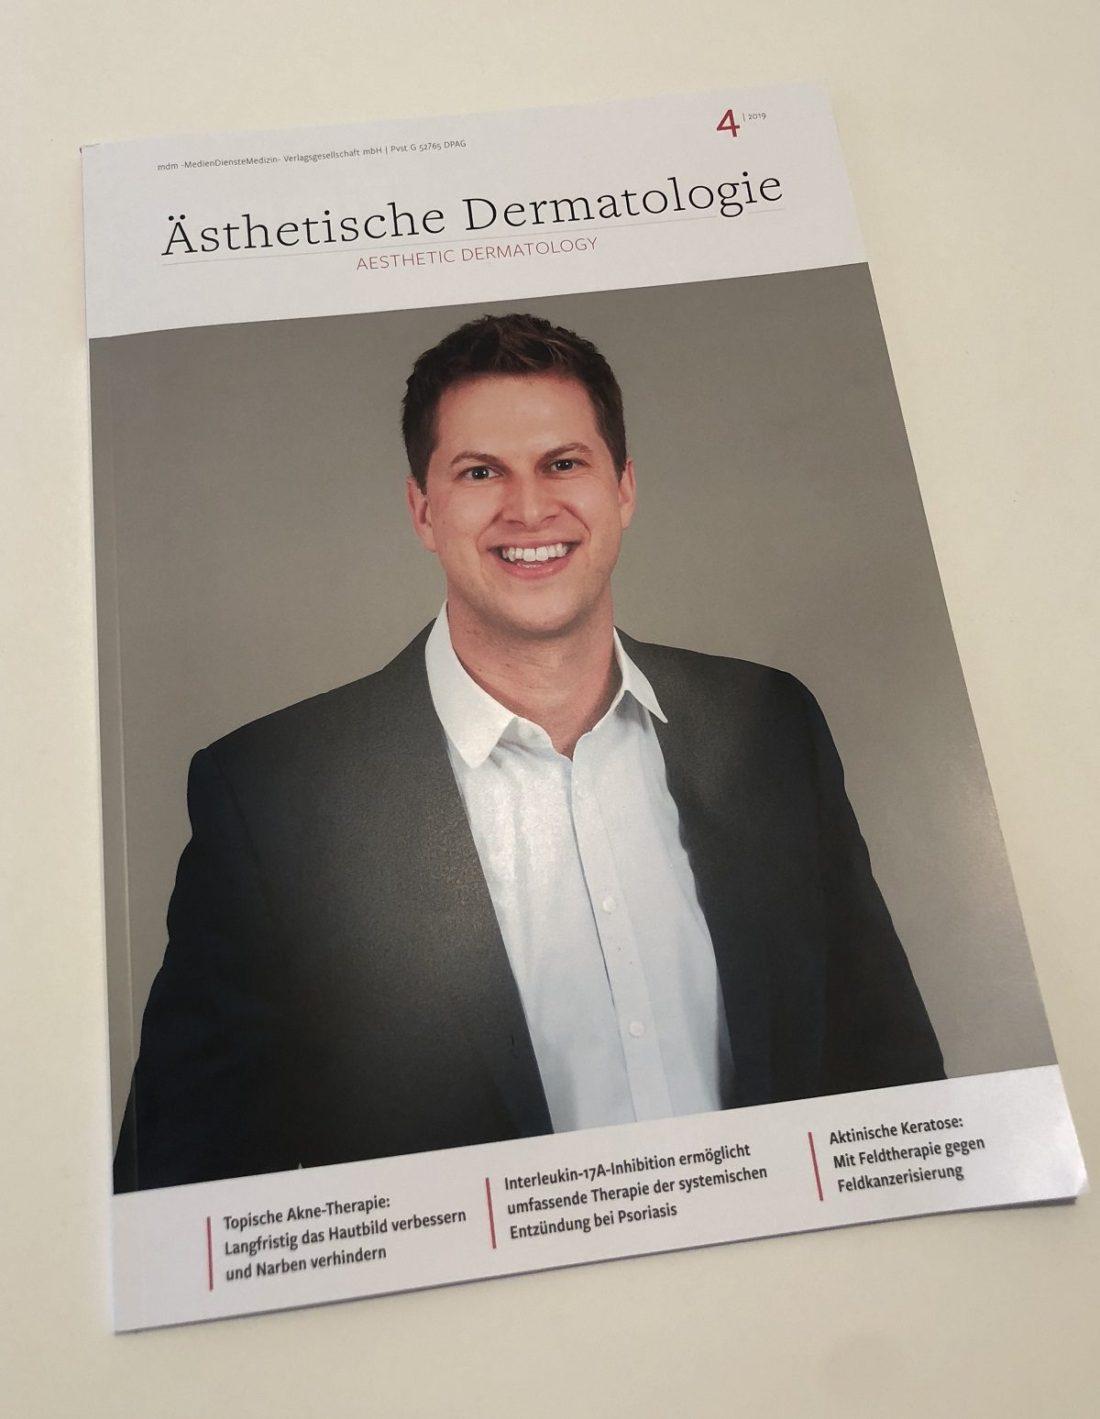 Kongresspräsident Dr. Gerd Gauglitz auf dem Cover der Zeitung Ästhetische Dermatologie